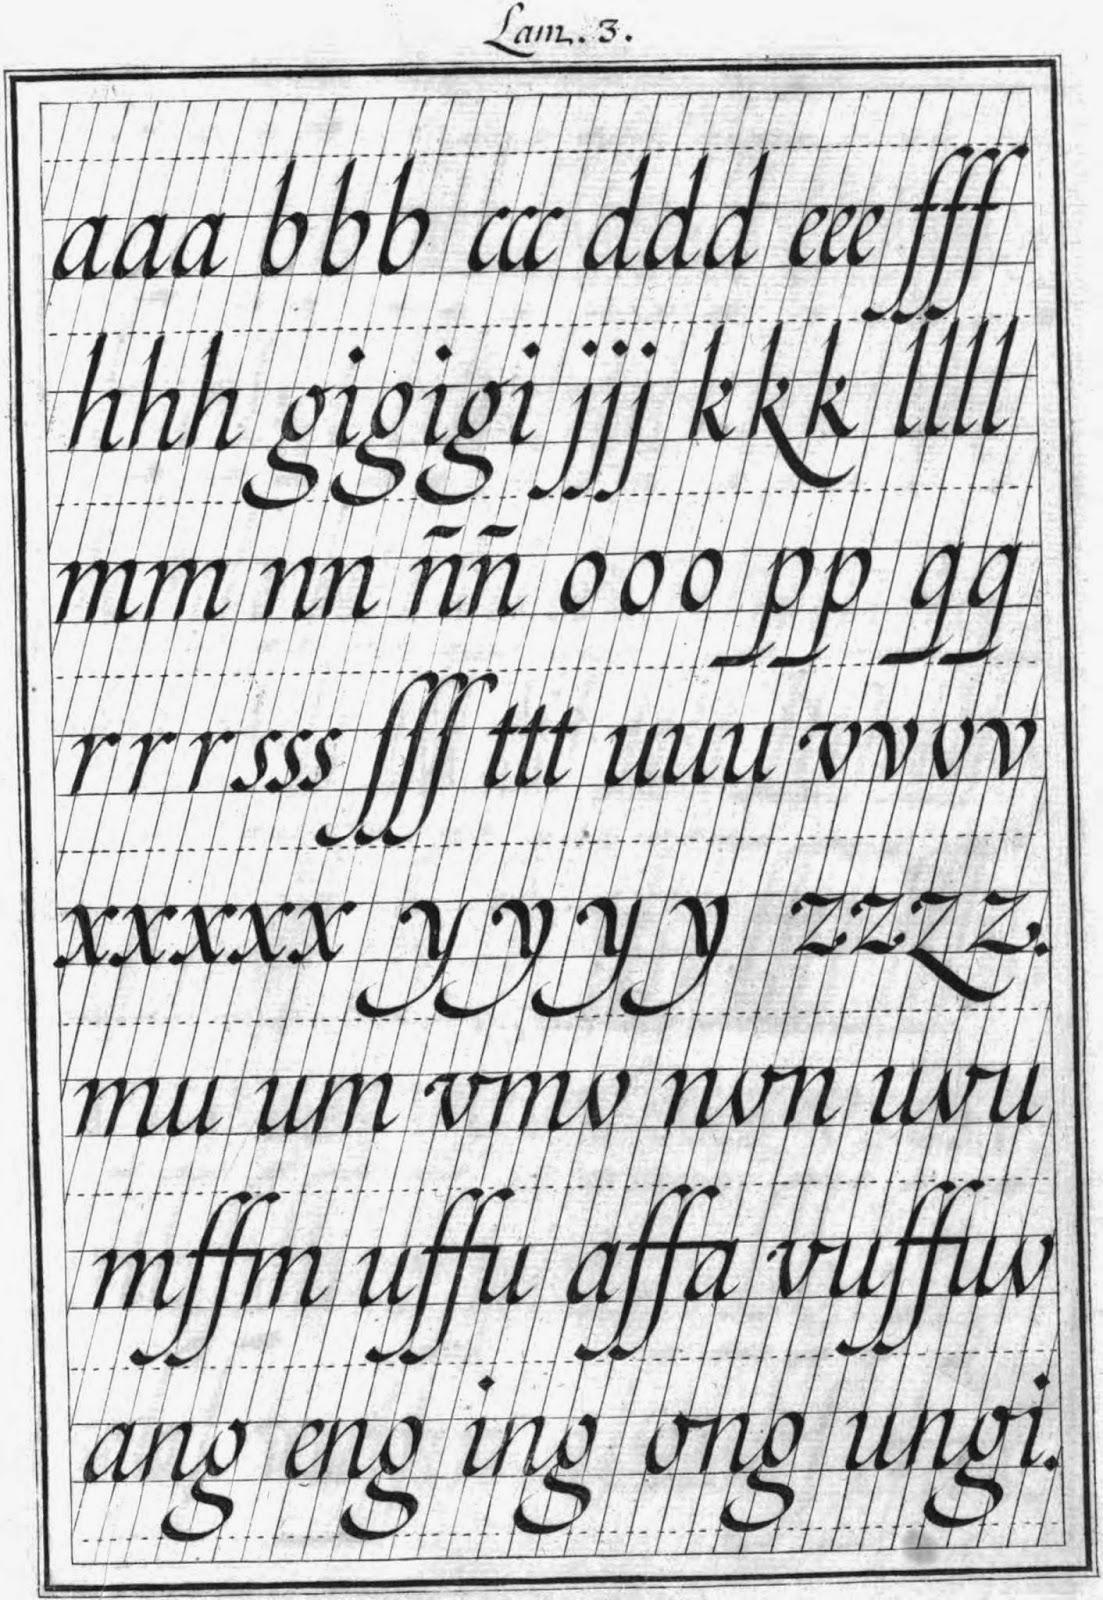 Arte de escribir (Esteban Ximénez) (1789).pdf 9.3 MB